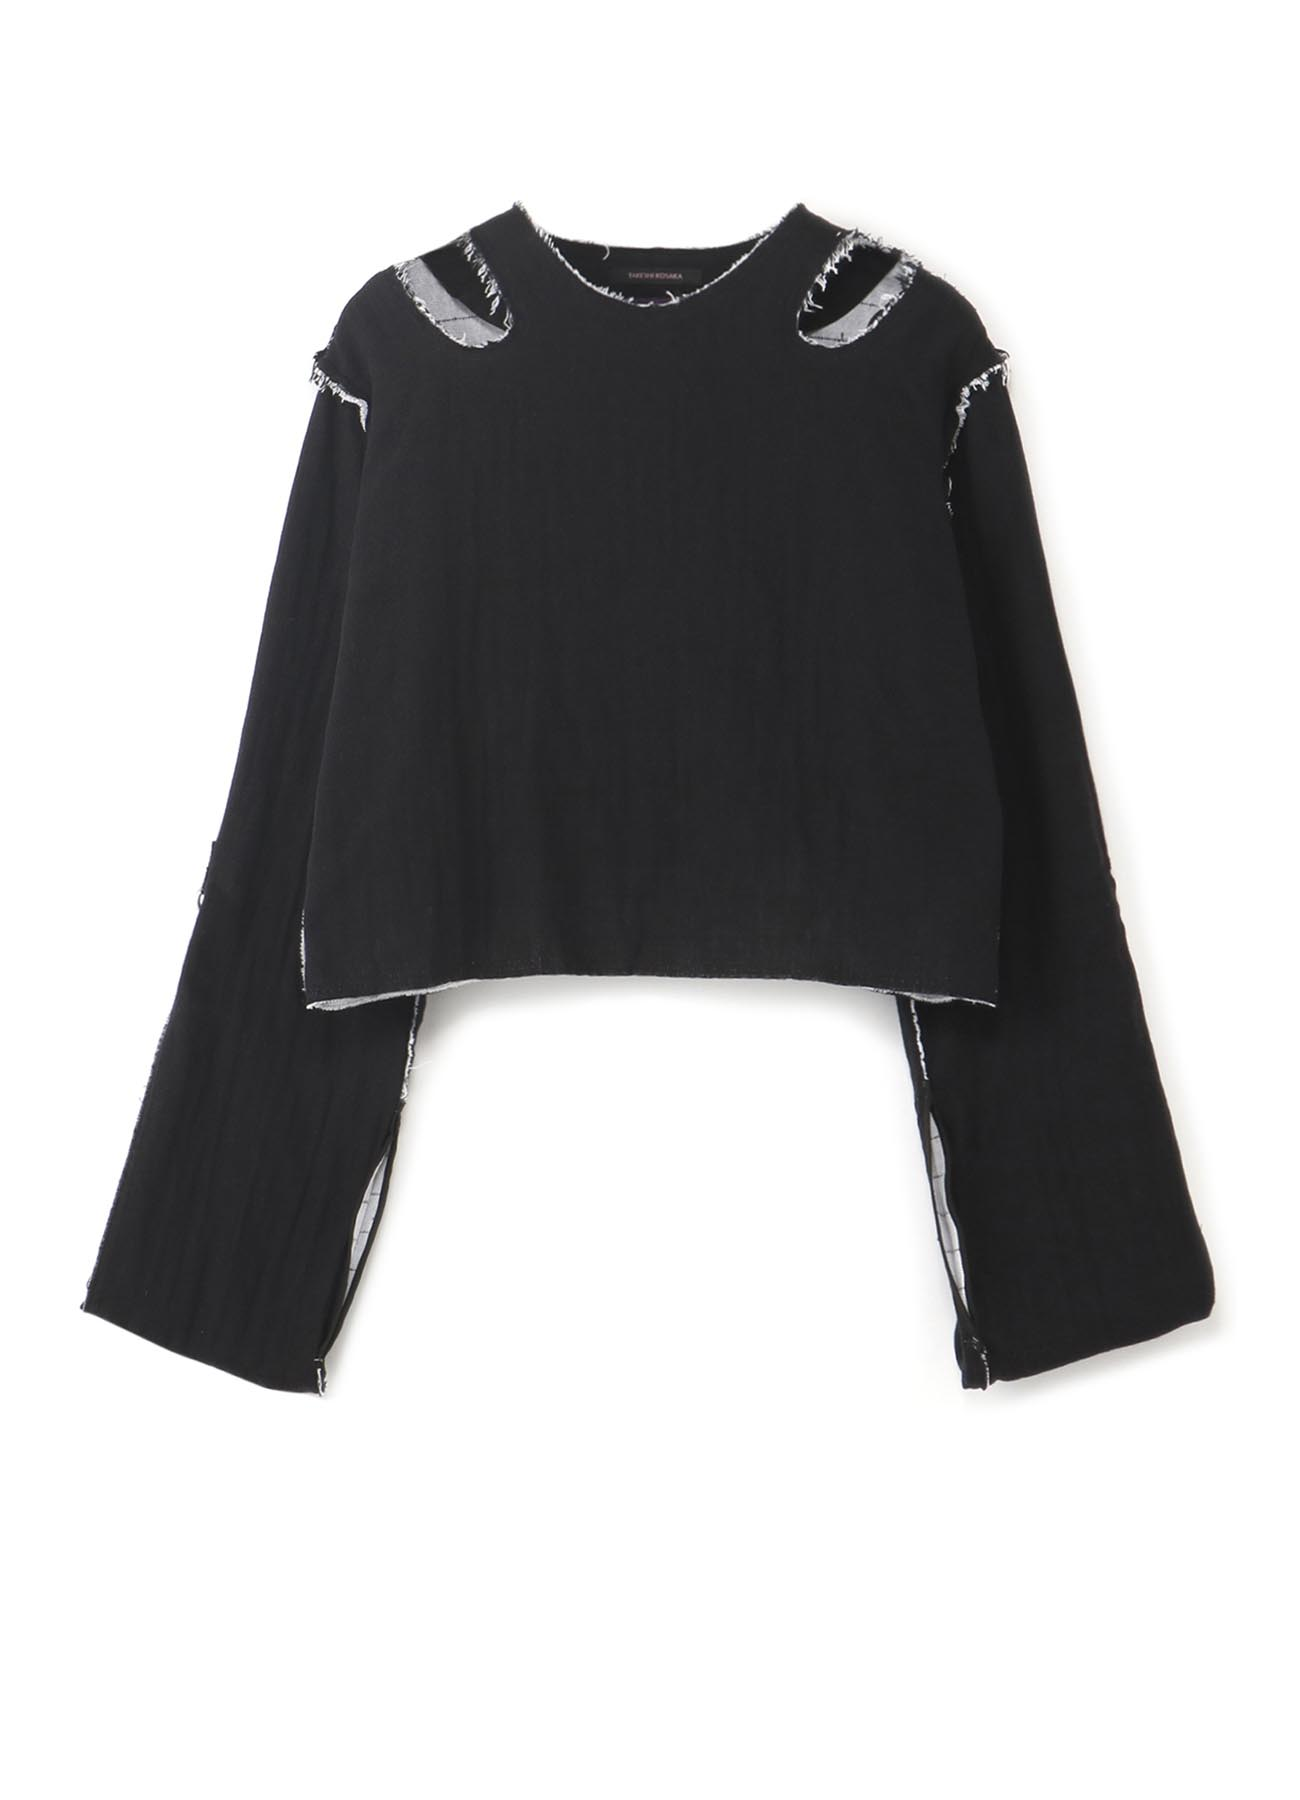 Y's PINK双层纱布肩部开口长袖T恤